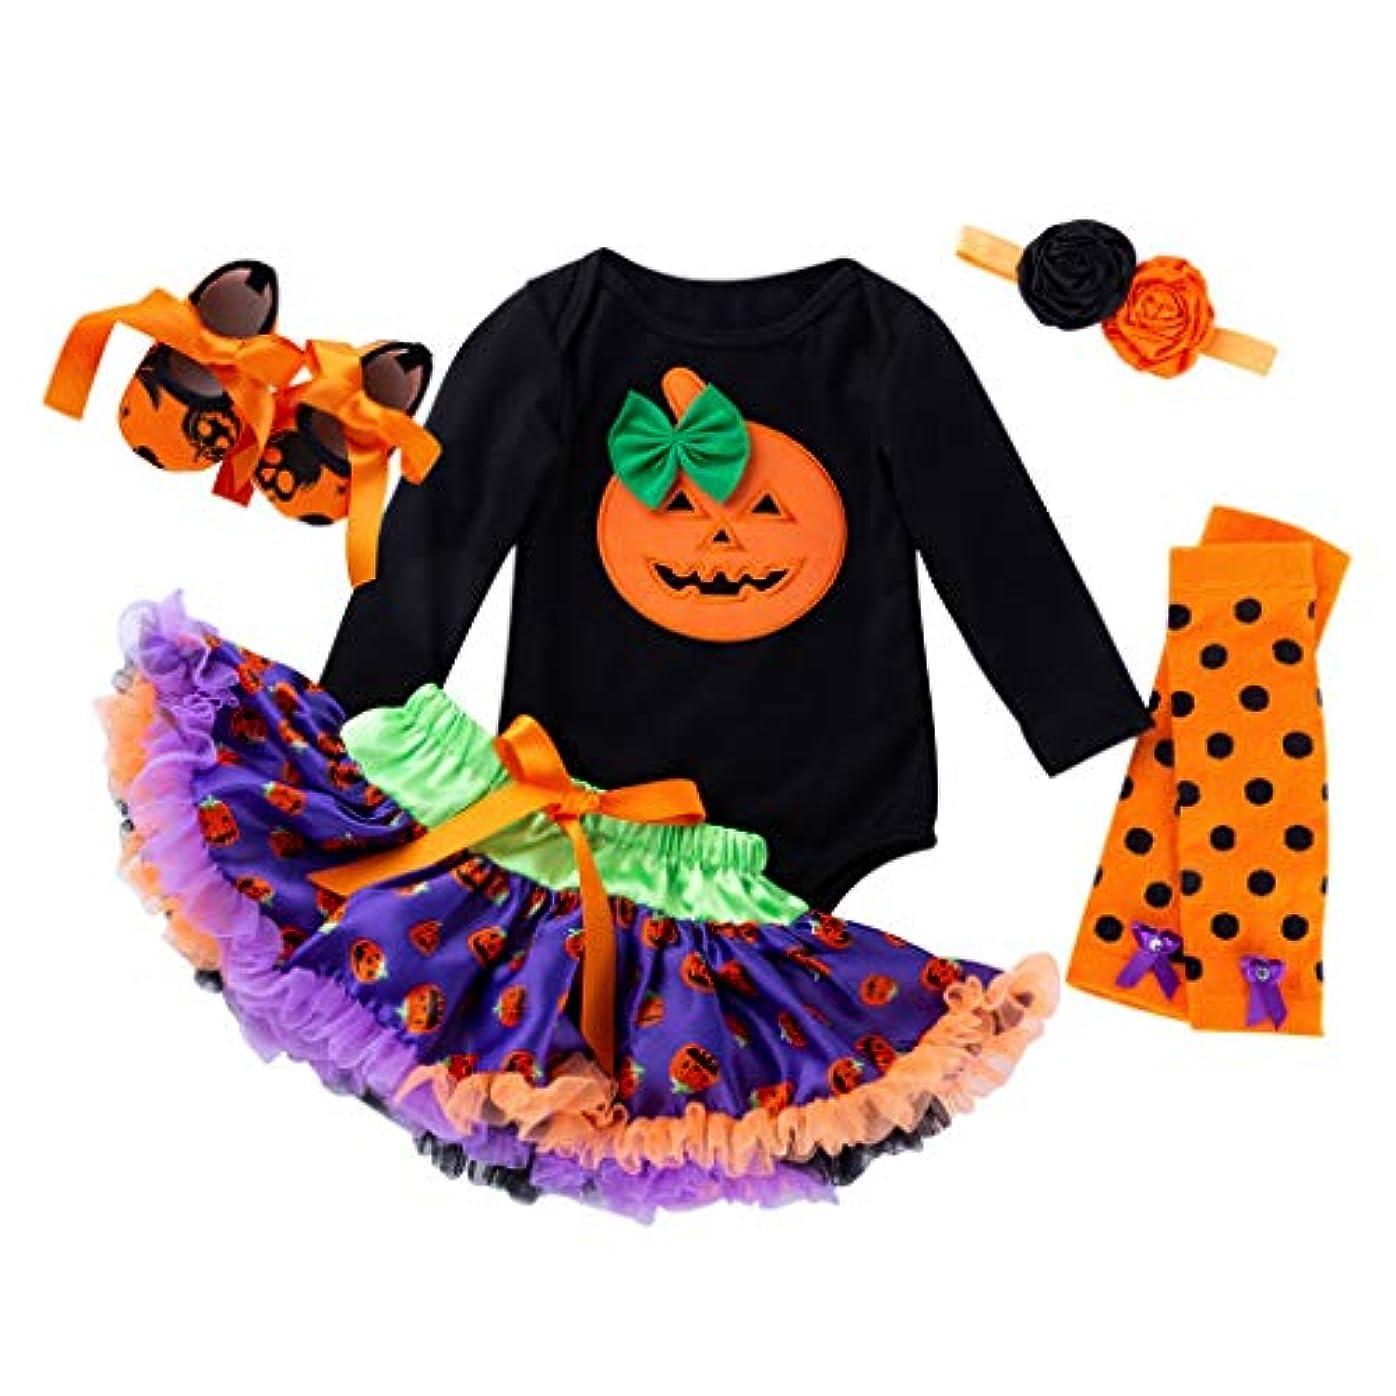 悲観主義者薬藤色ハロウィン 赤ちゃん ワンピース Huliyun 女の子 ロンパース かわいい キッズ 仮装 子供用2ピース長袖ローブ+チュチュスカート ハロウィン 衣装 子供 女の子 パンプキン かぼちゃ 仮装